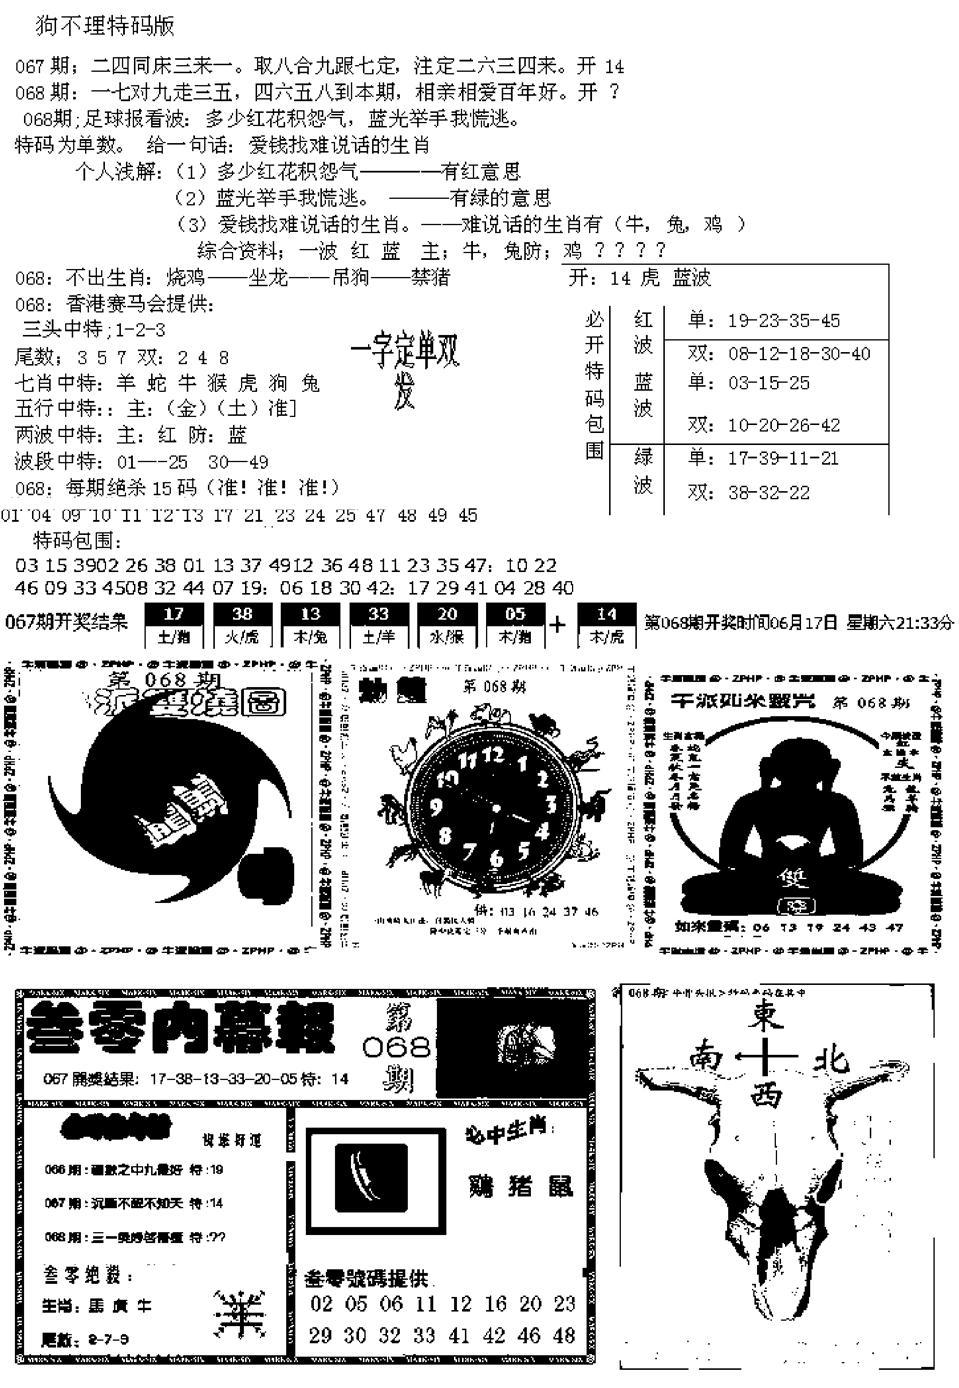 068期五鬼正宗久合儋料B(黑白)